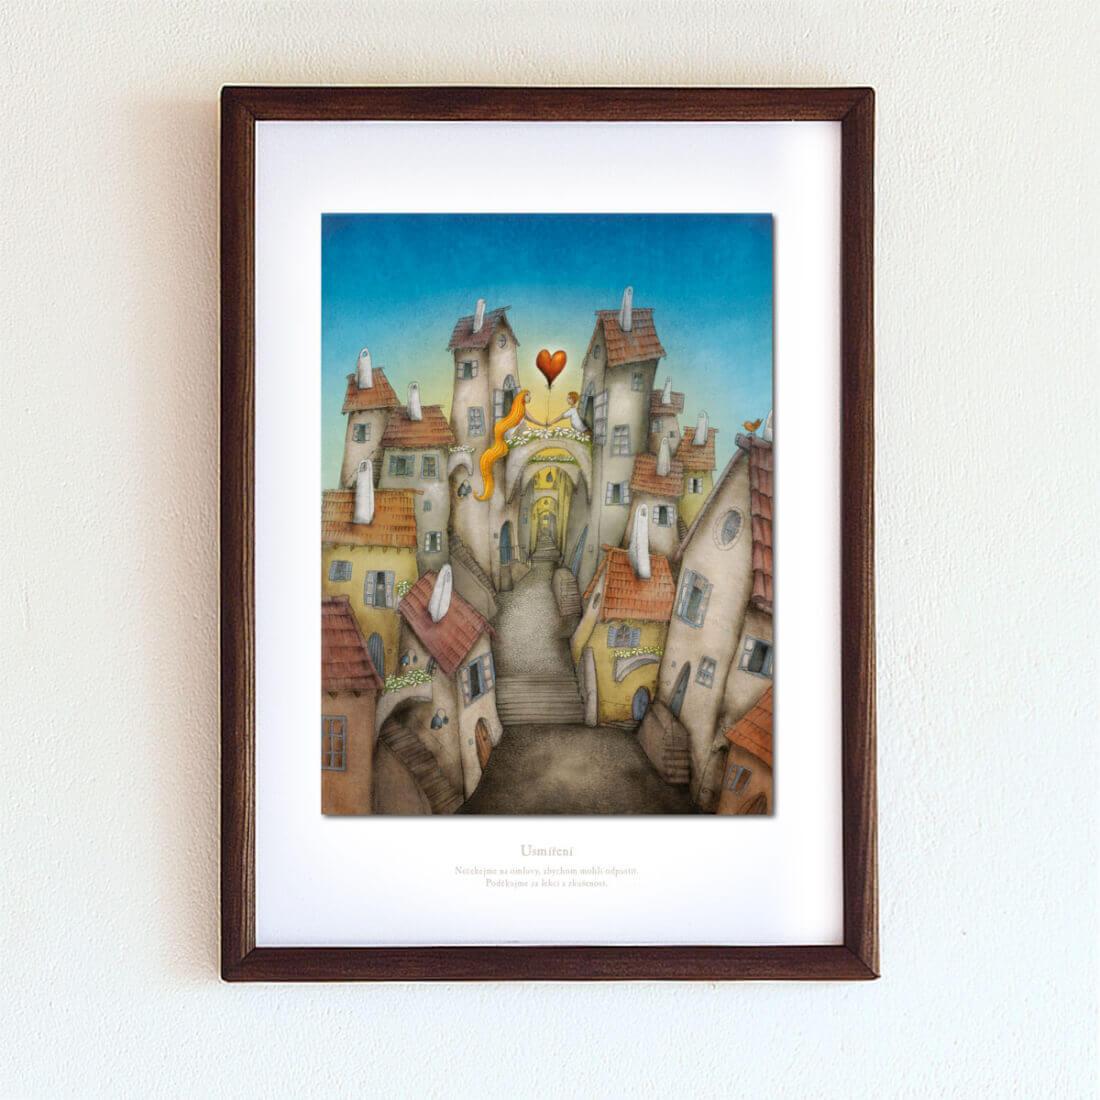 obrázek Usmíření - A4-rámeček